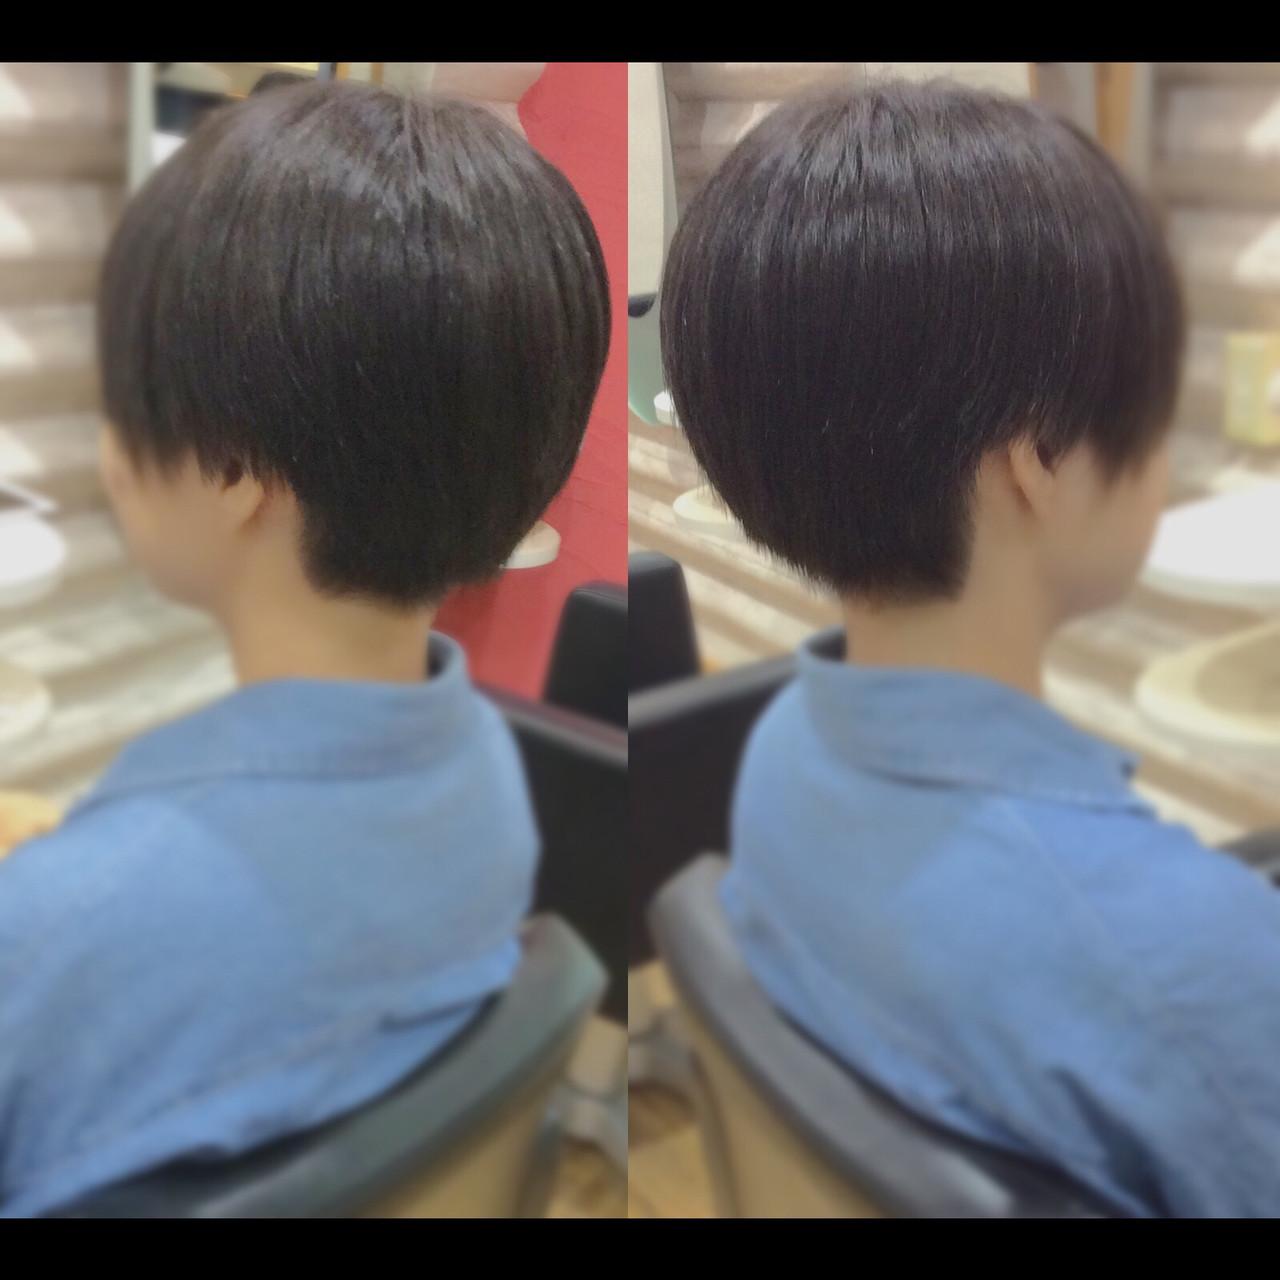 ナチュラル ショート ショートボブ ショートヘアヘアスタイルや髪型の写真・画像